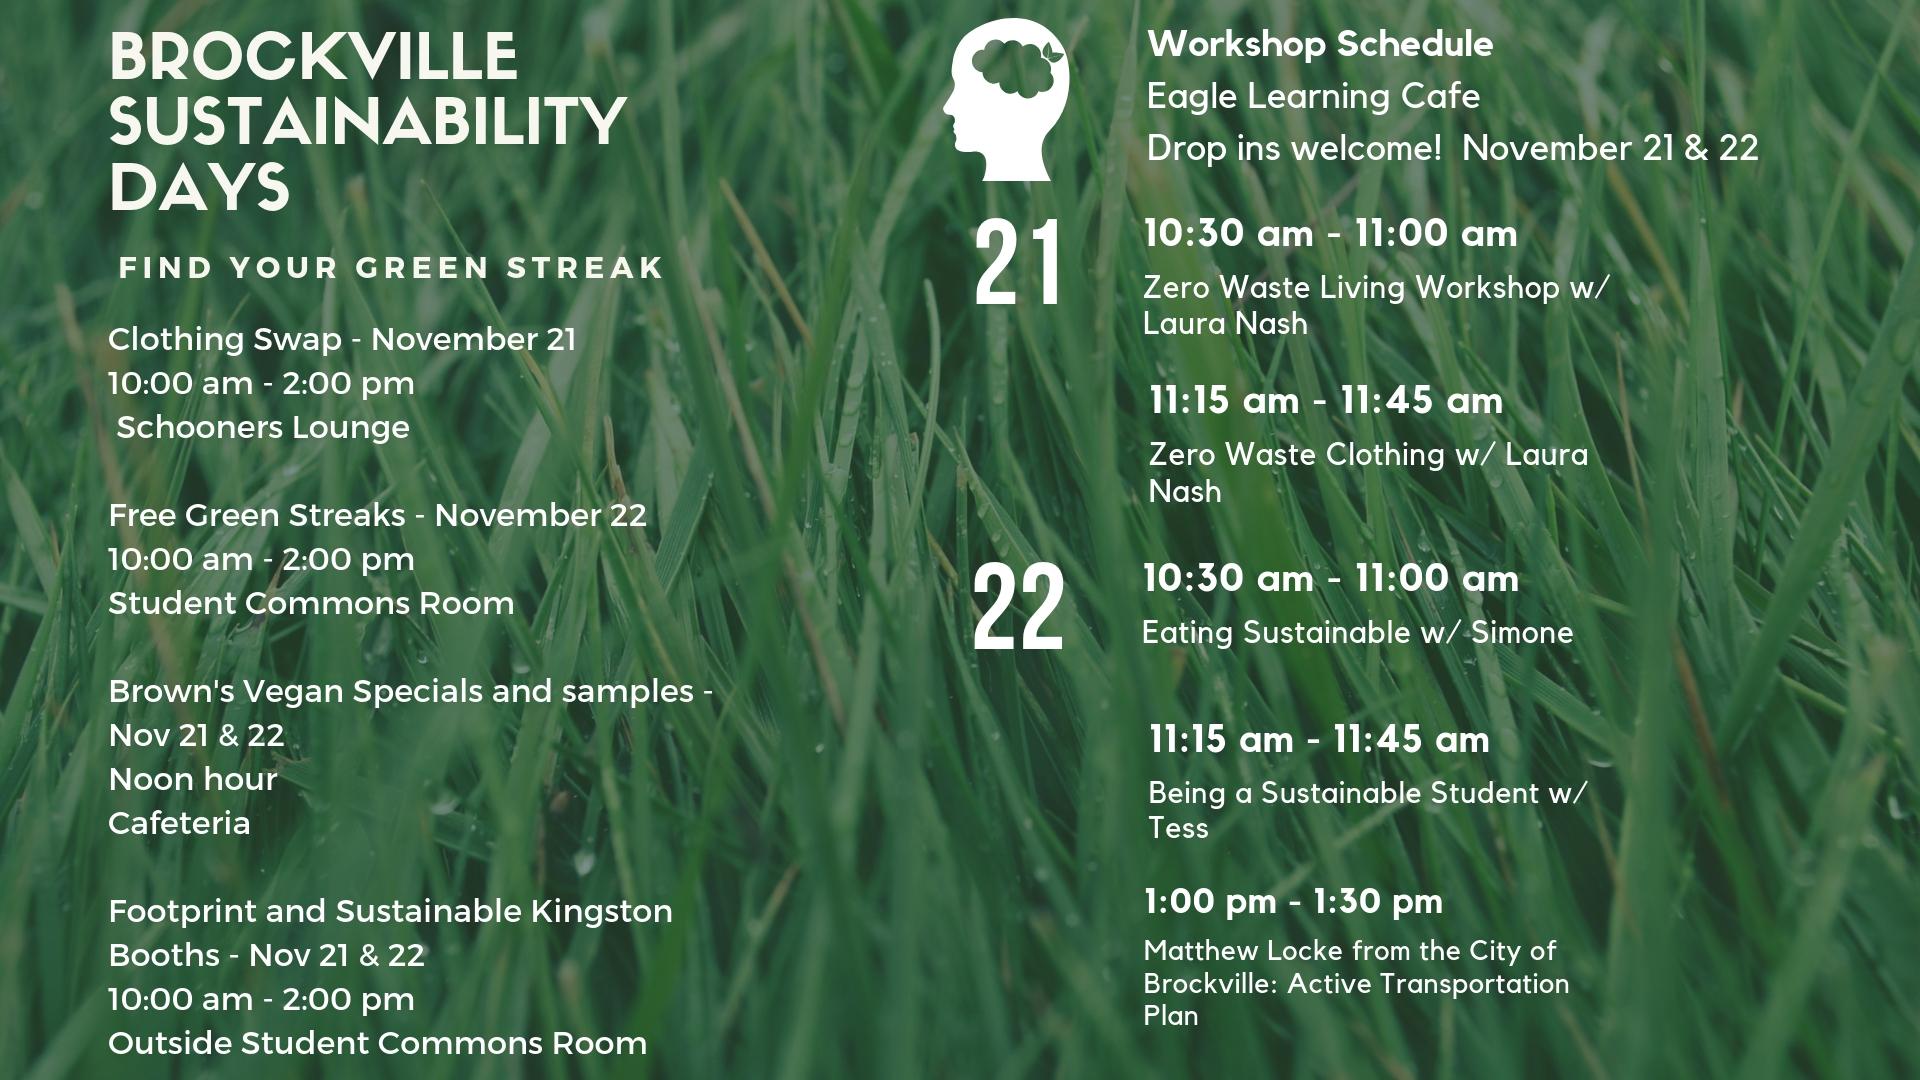 Brockville Sustainability Days final schedule.jpg